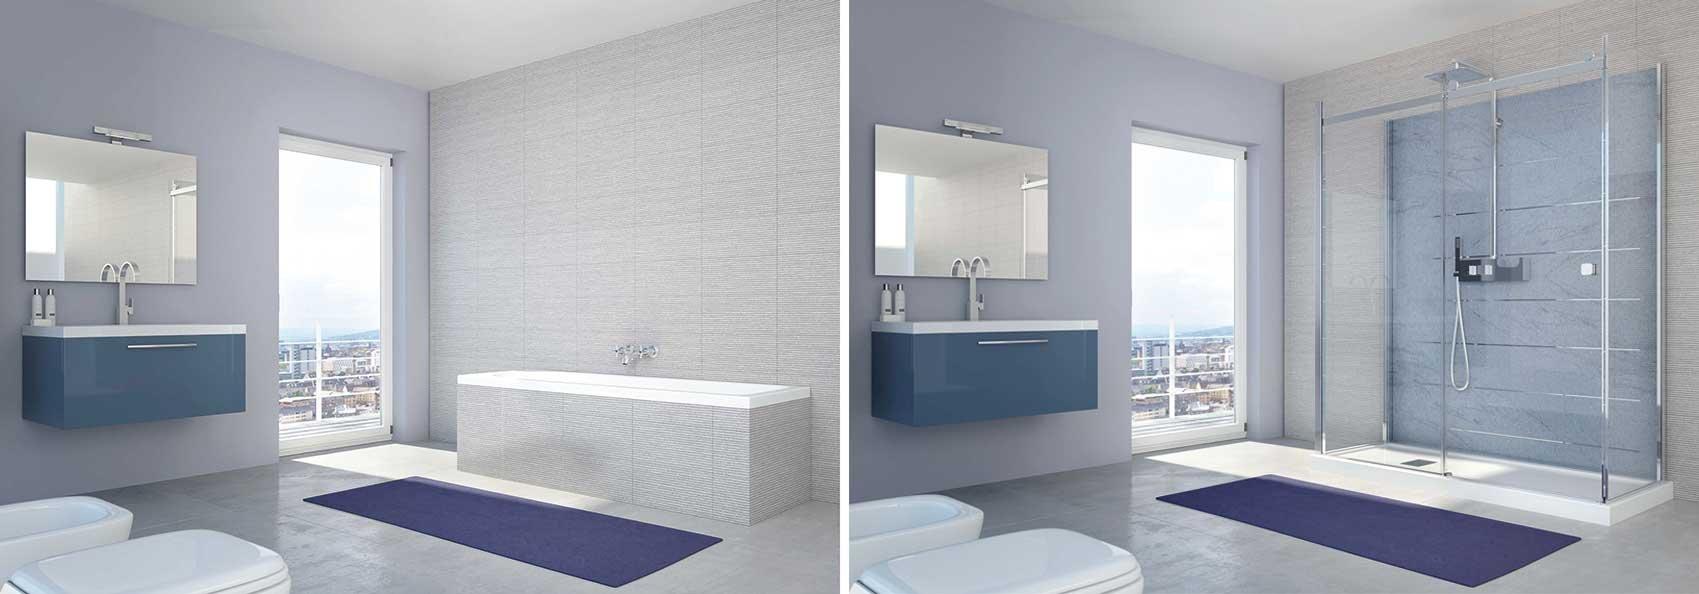 Da vasca a doccia un risparmio tangibile - Soluzioni vasca doccia ...